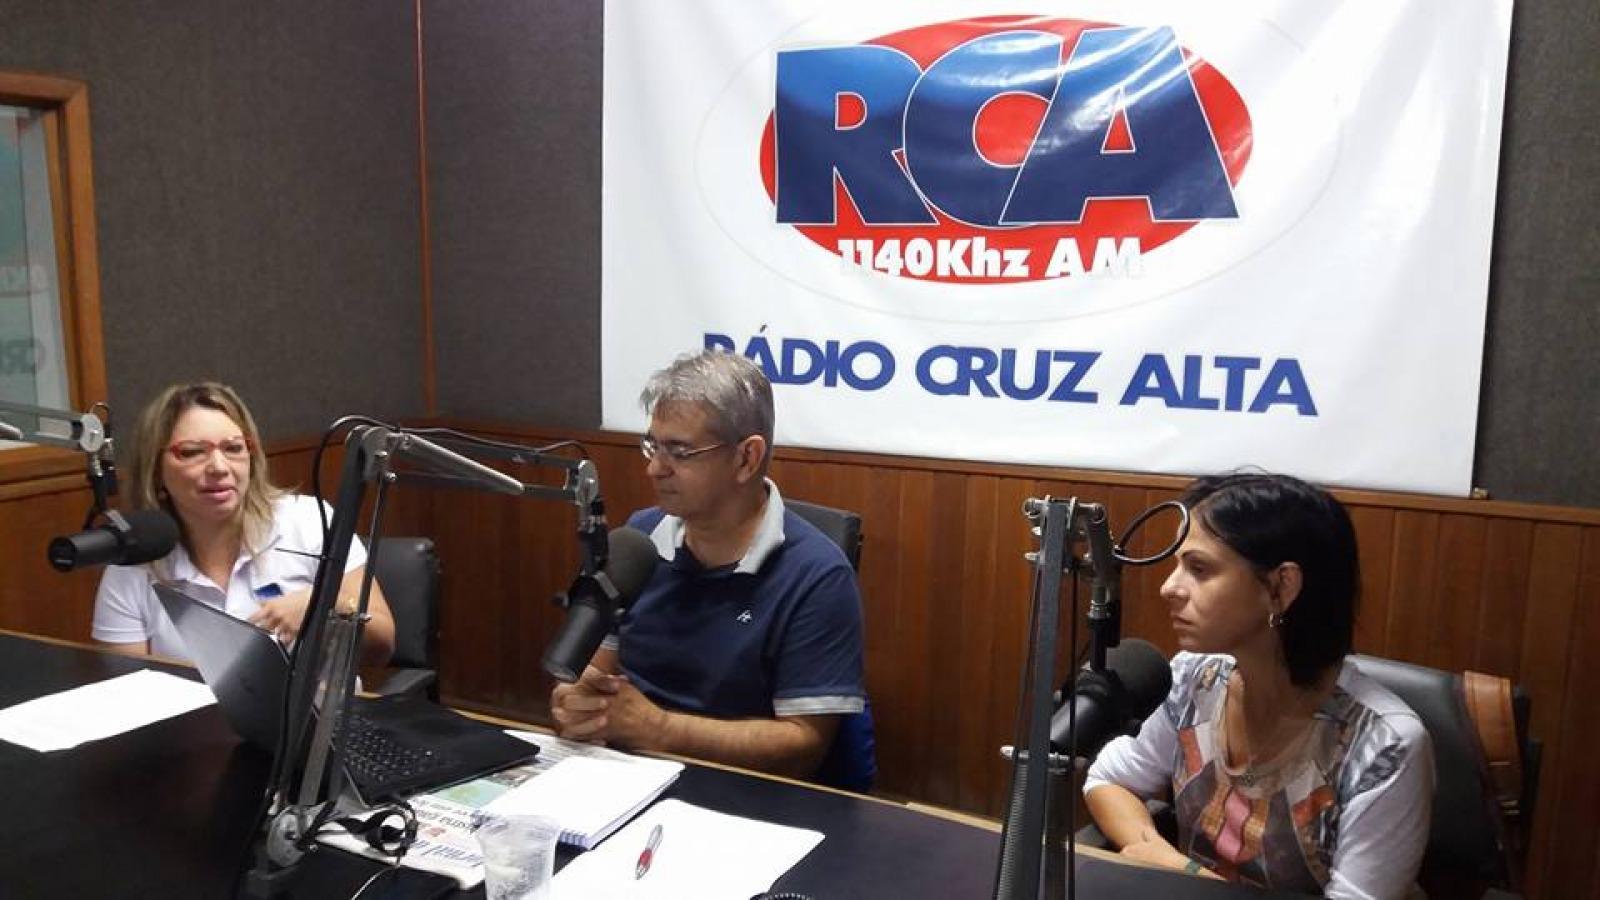 Gestante Feliz - Entrevista na Rádio Cruz Alta